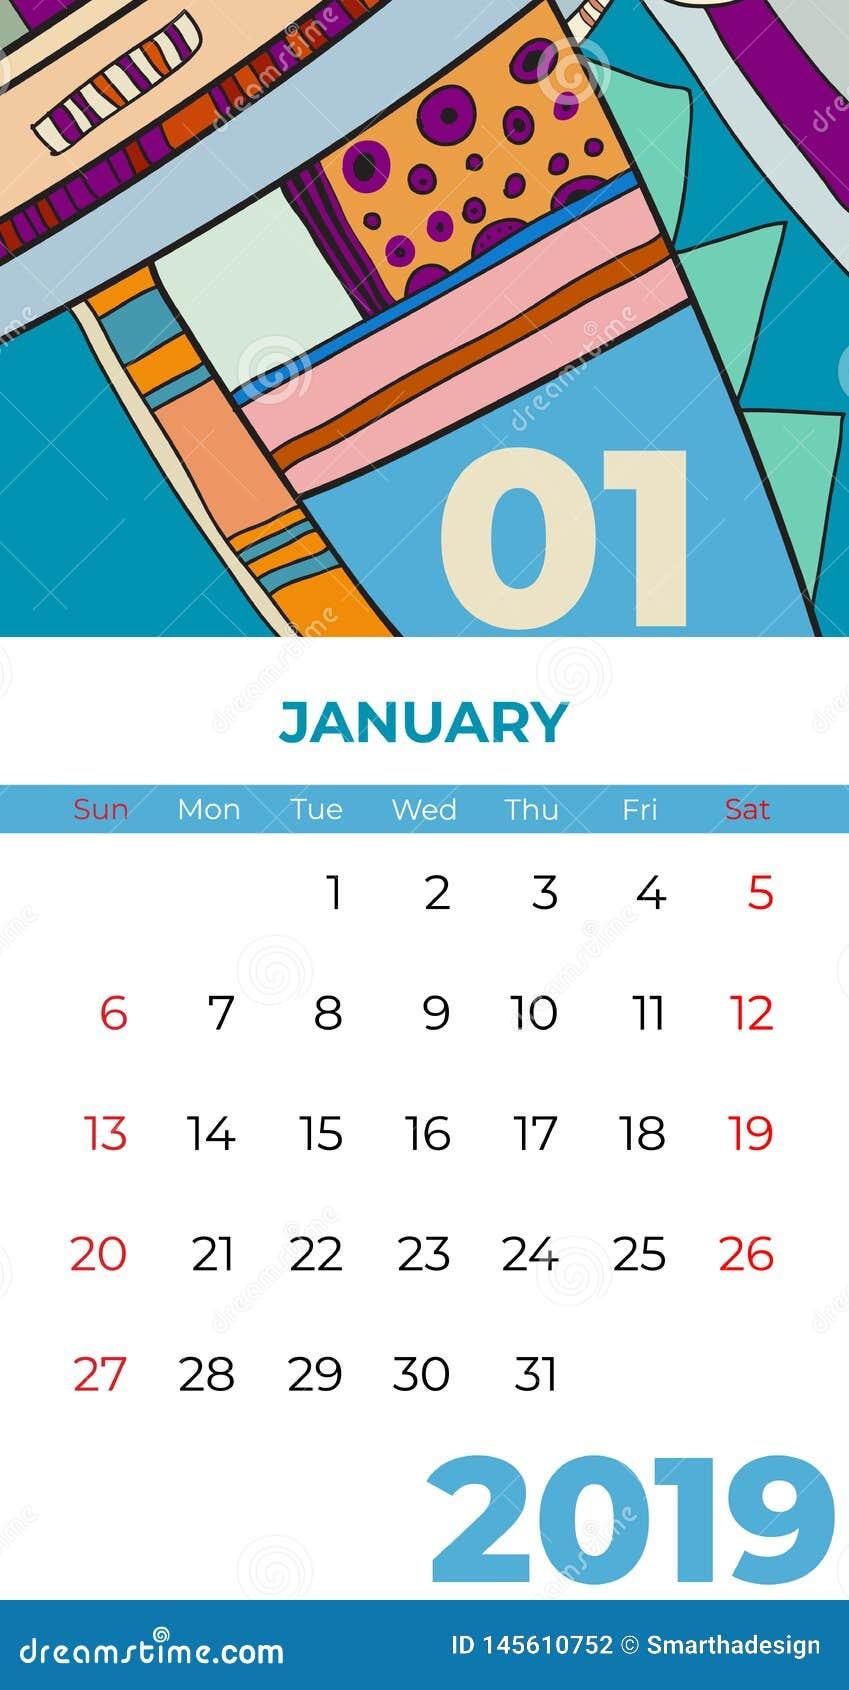 2019 vektor f?r samtida konst f?r januari kalender abstrakt Skrivbord sk?rm, skrivbords- m?nad 01,2019, f?rgrik kalendermall 2019